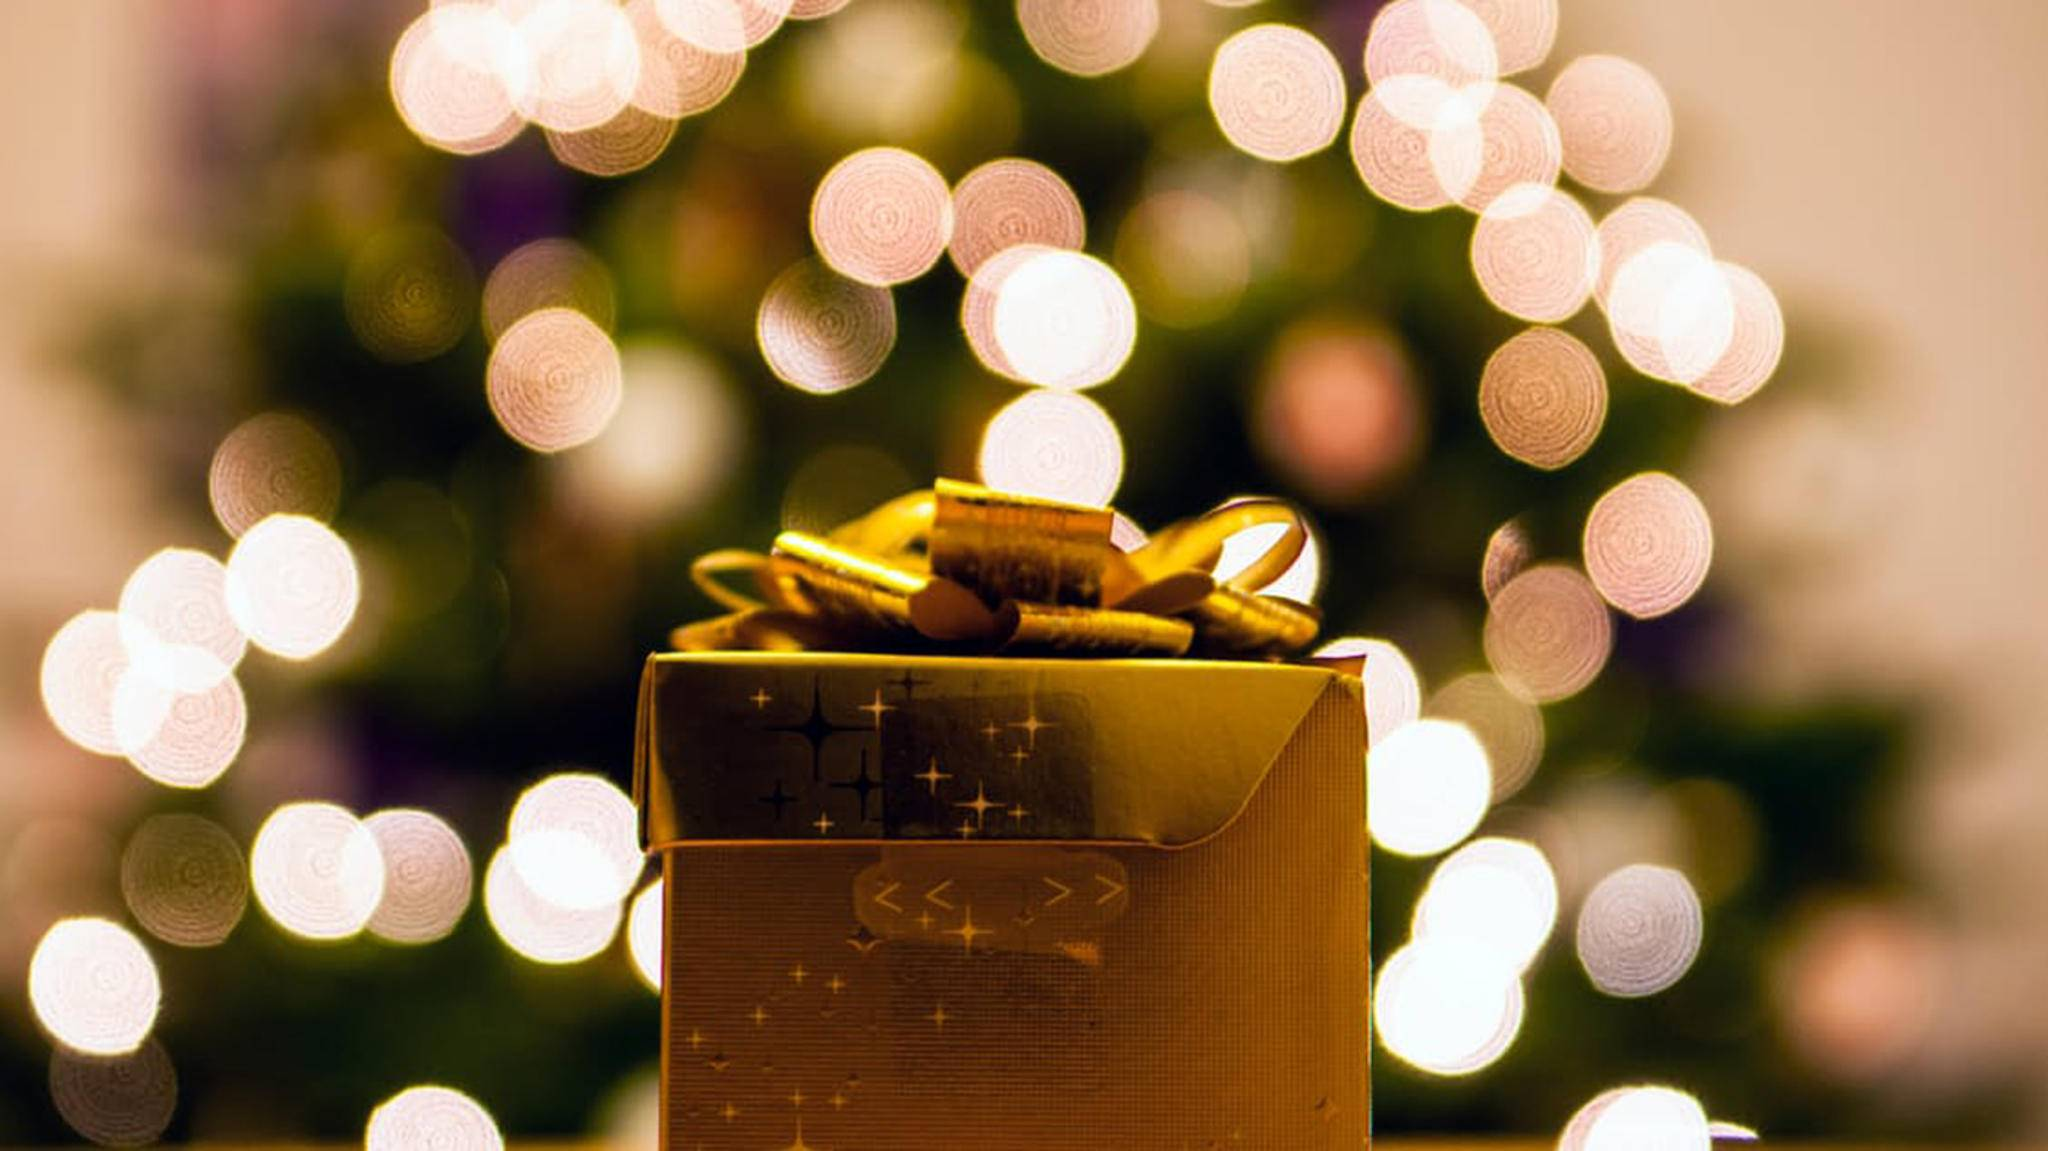 Wichteln macht den Austausch von Weihnachtsgeschenken spannend und nimmt den Druck.